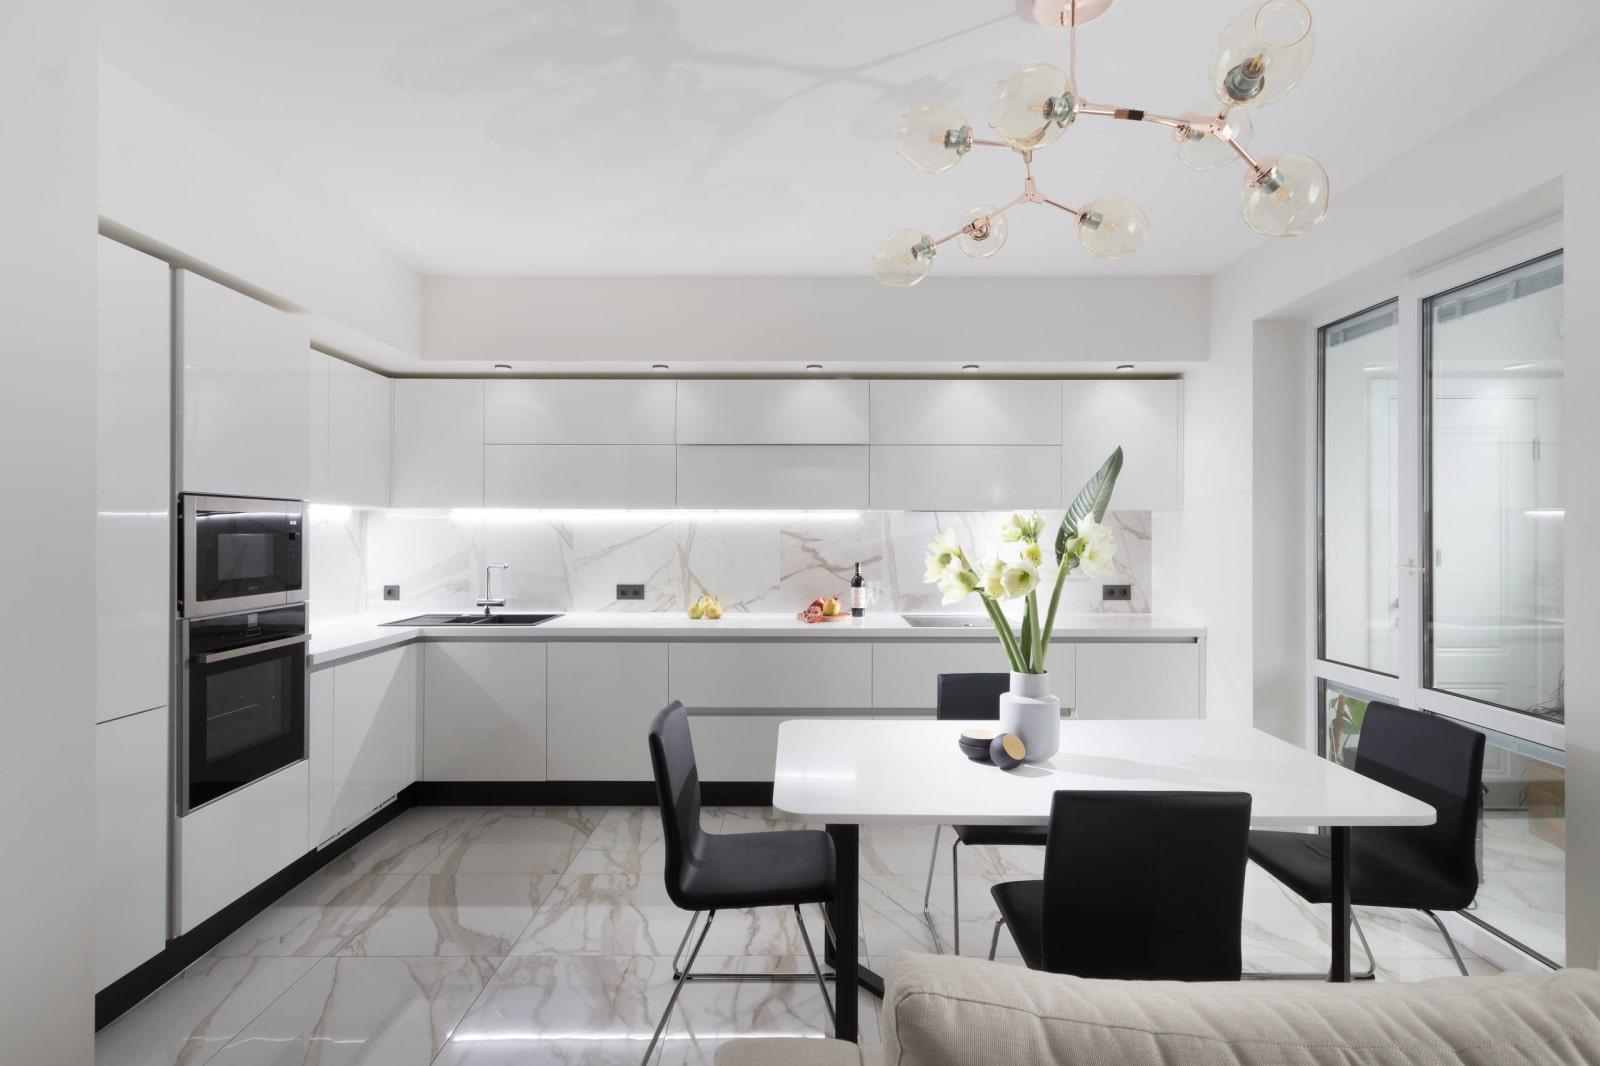 Г-образный гарнитур на кухне